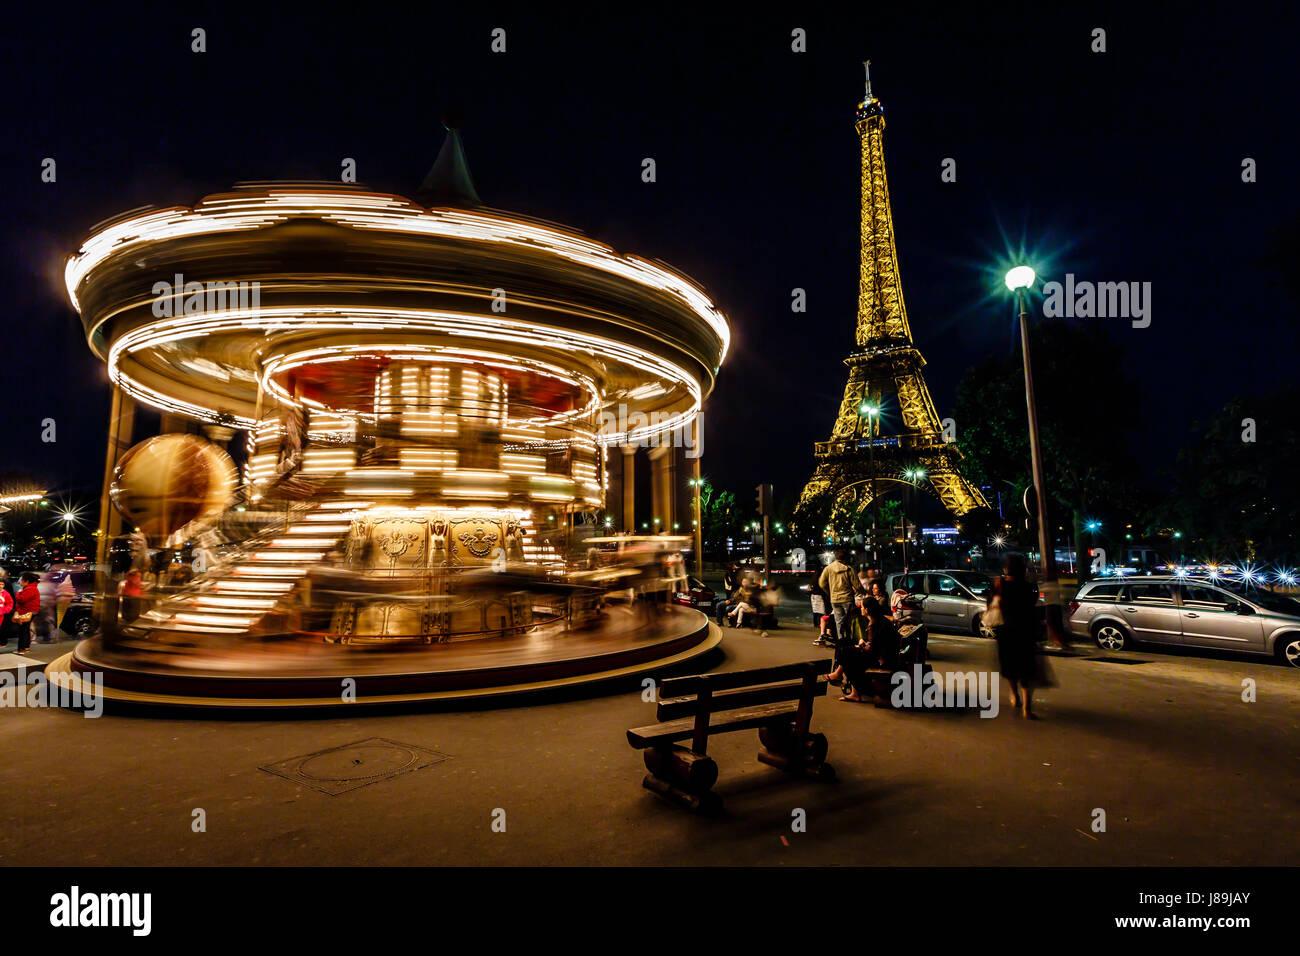 PARIS - le 29 juin: Carrousel vintage et de la Tour Eiffel le 29 juin 2013 à Paris, France. La Tour Eiffel est le plus haut et le monument le plus visité en France Banque D'Images